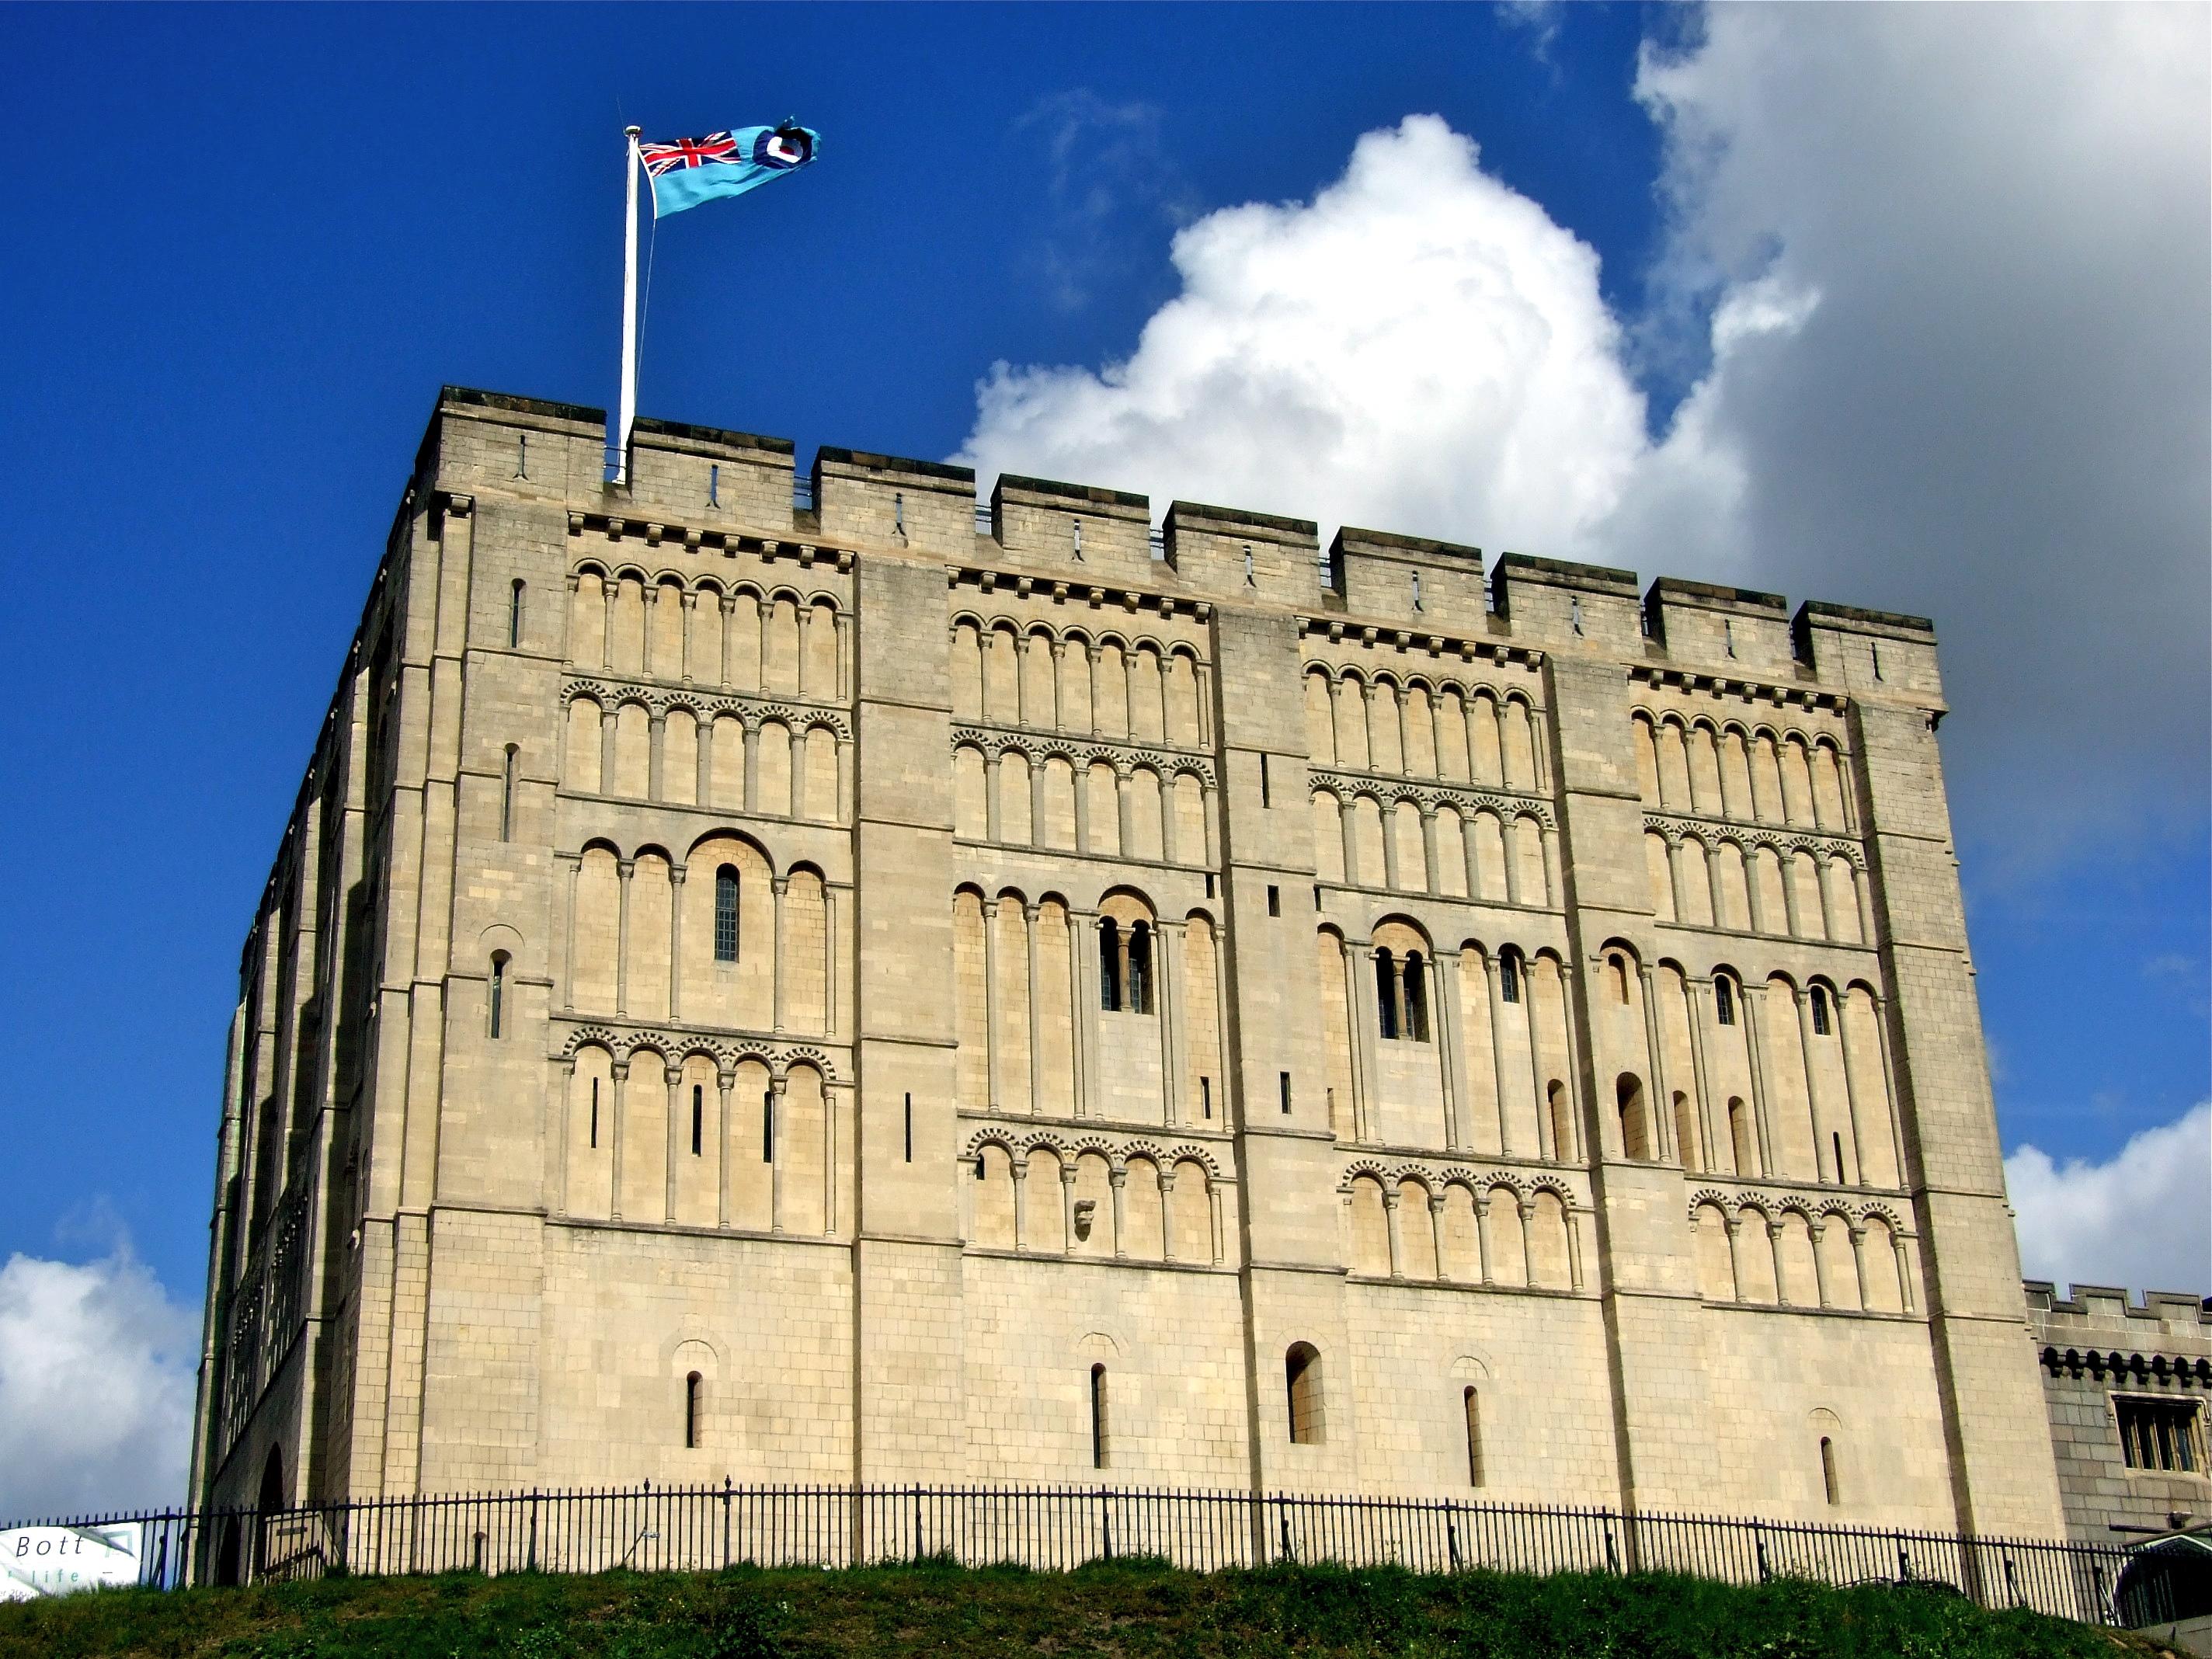 Best Castles In England: Norwich Castle